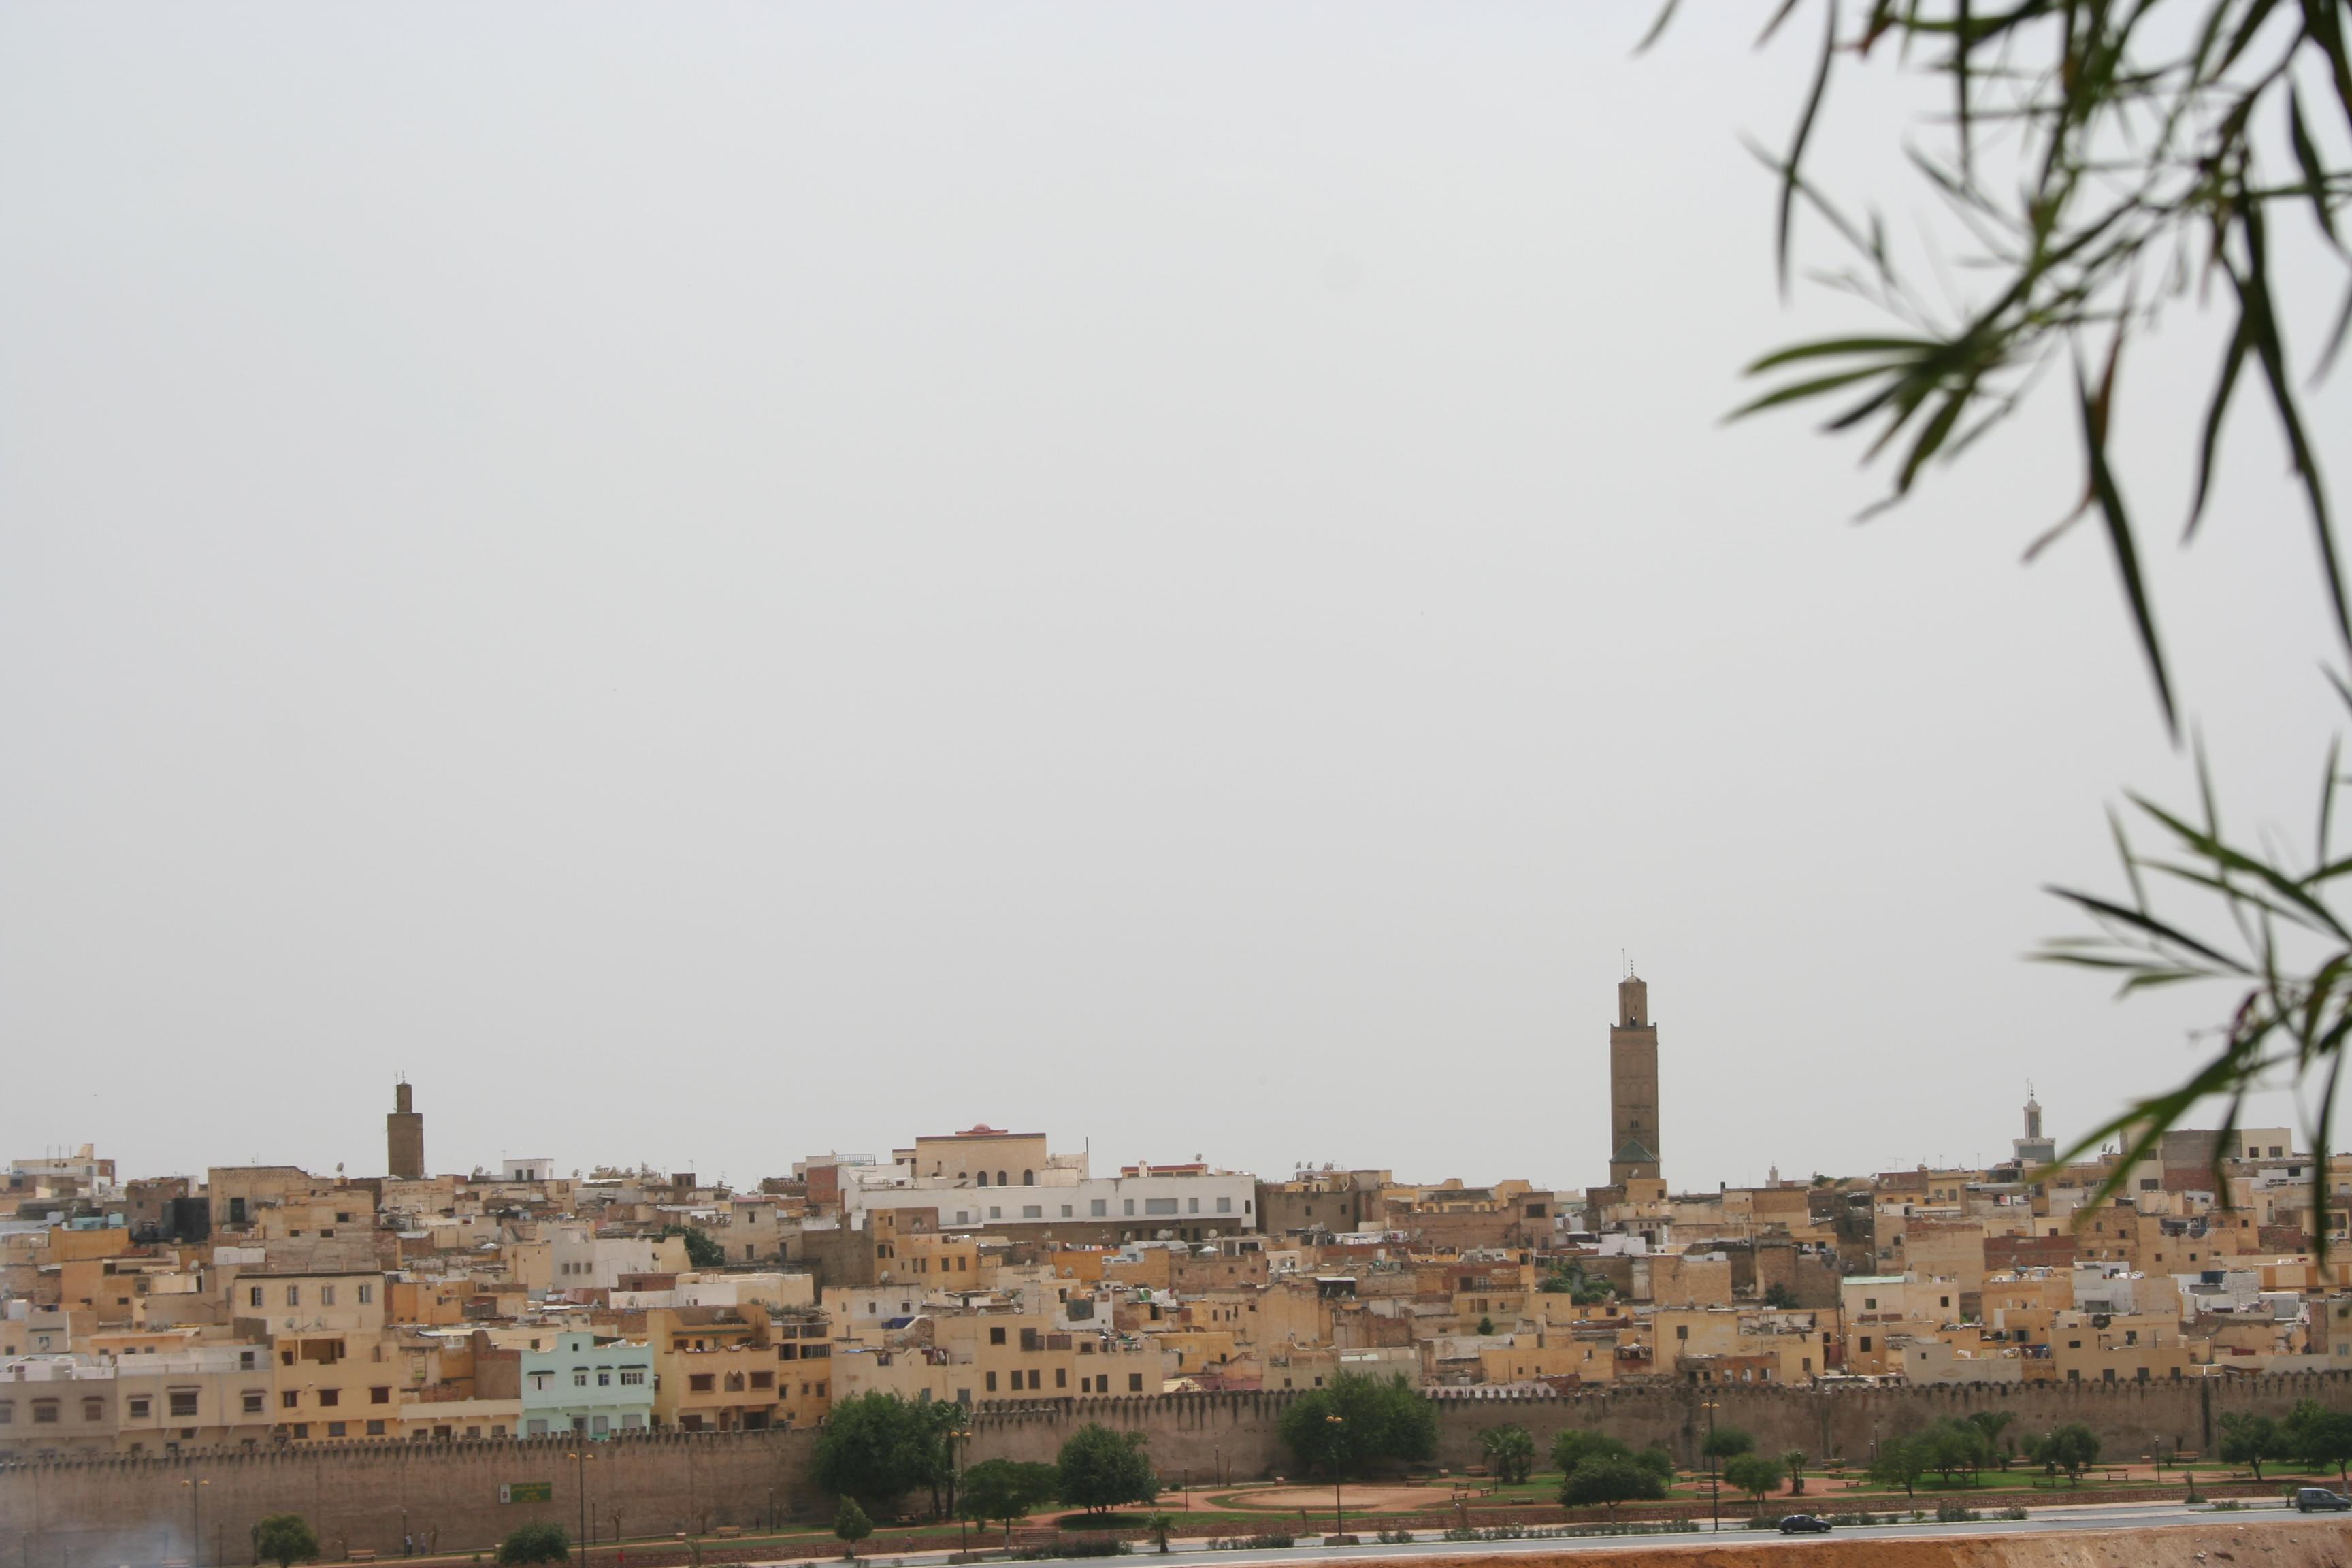 اكتشف المغرب في عشر دقائق  من أمواج الاندلس Meknes_paesaggio_3